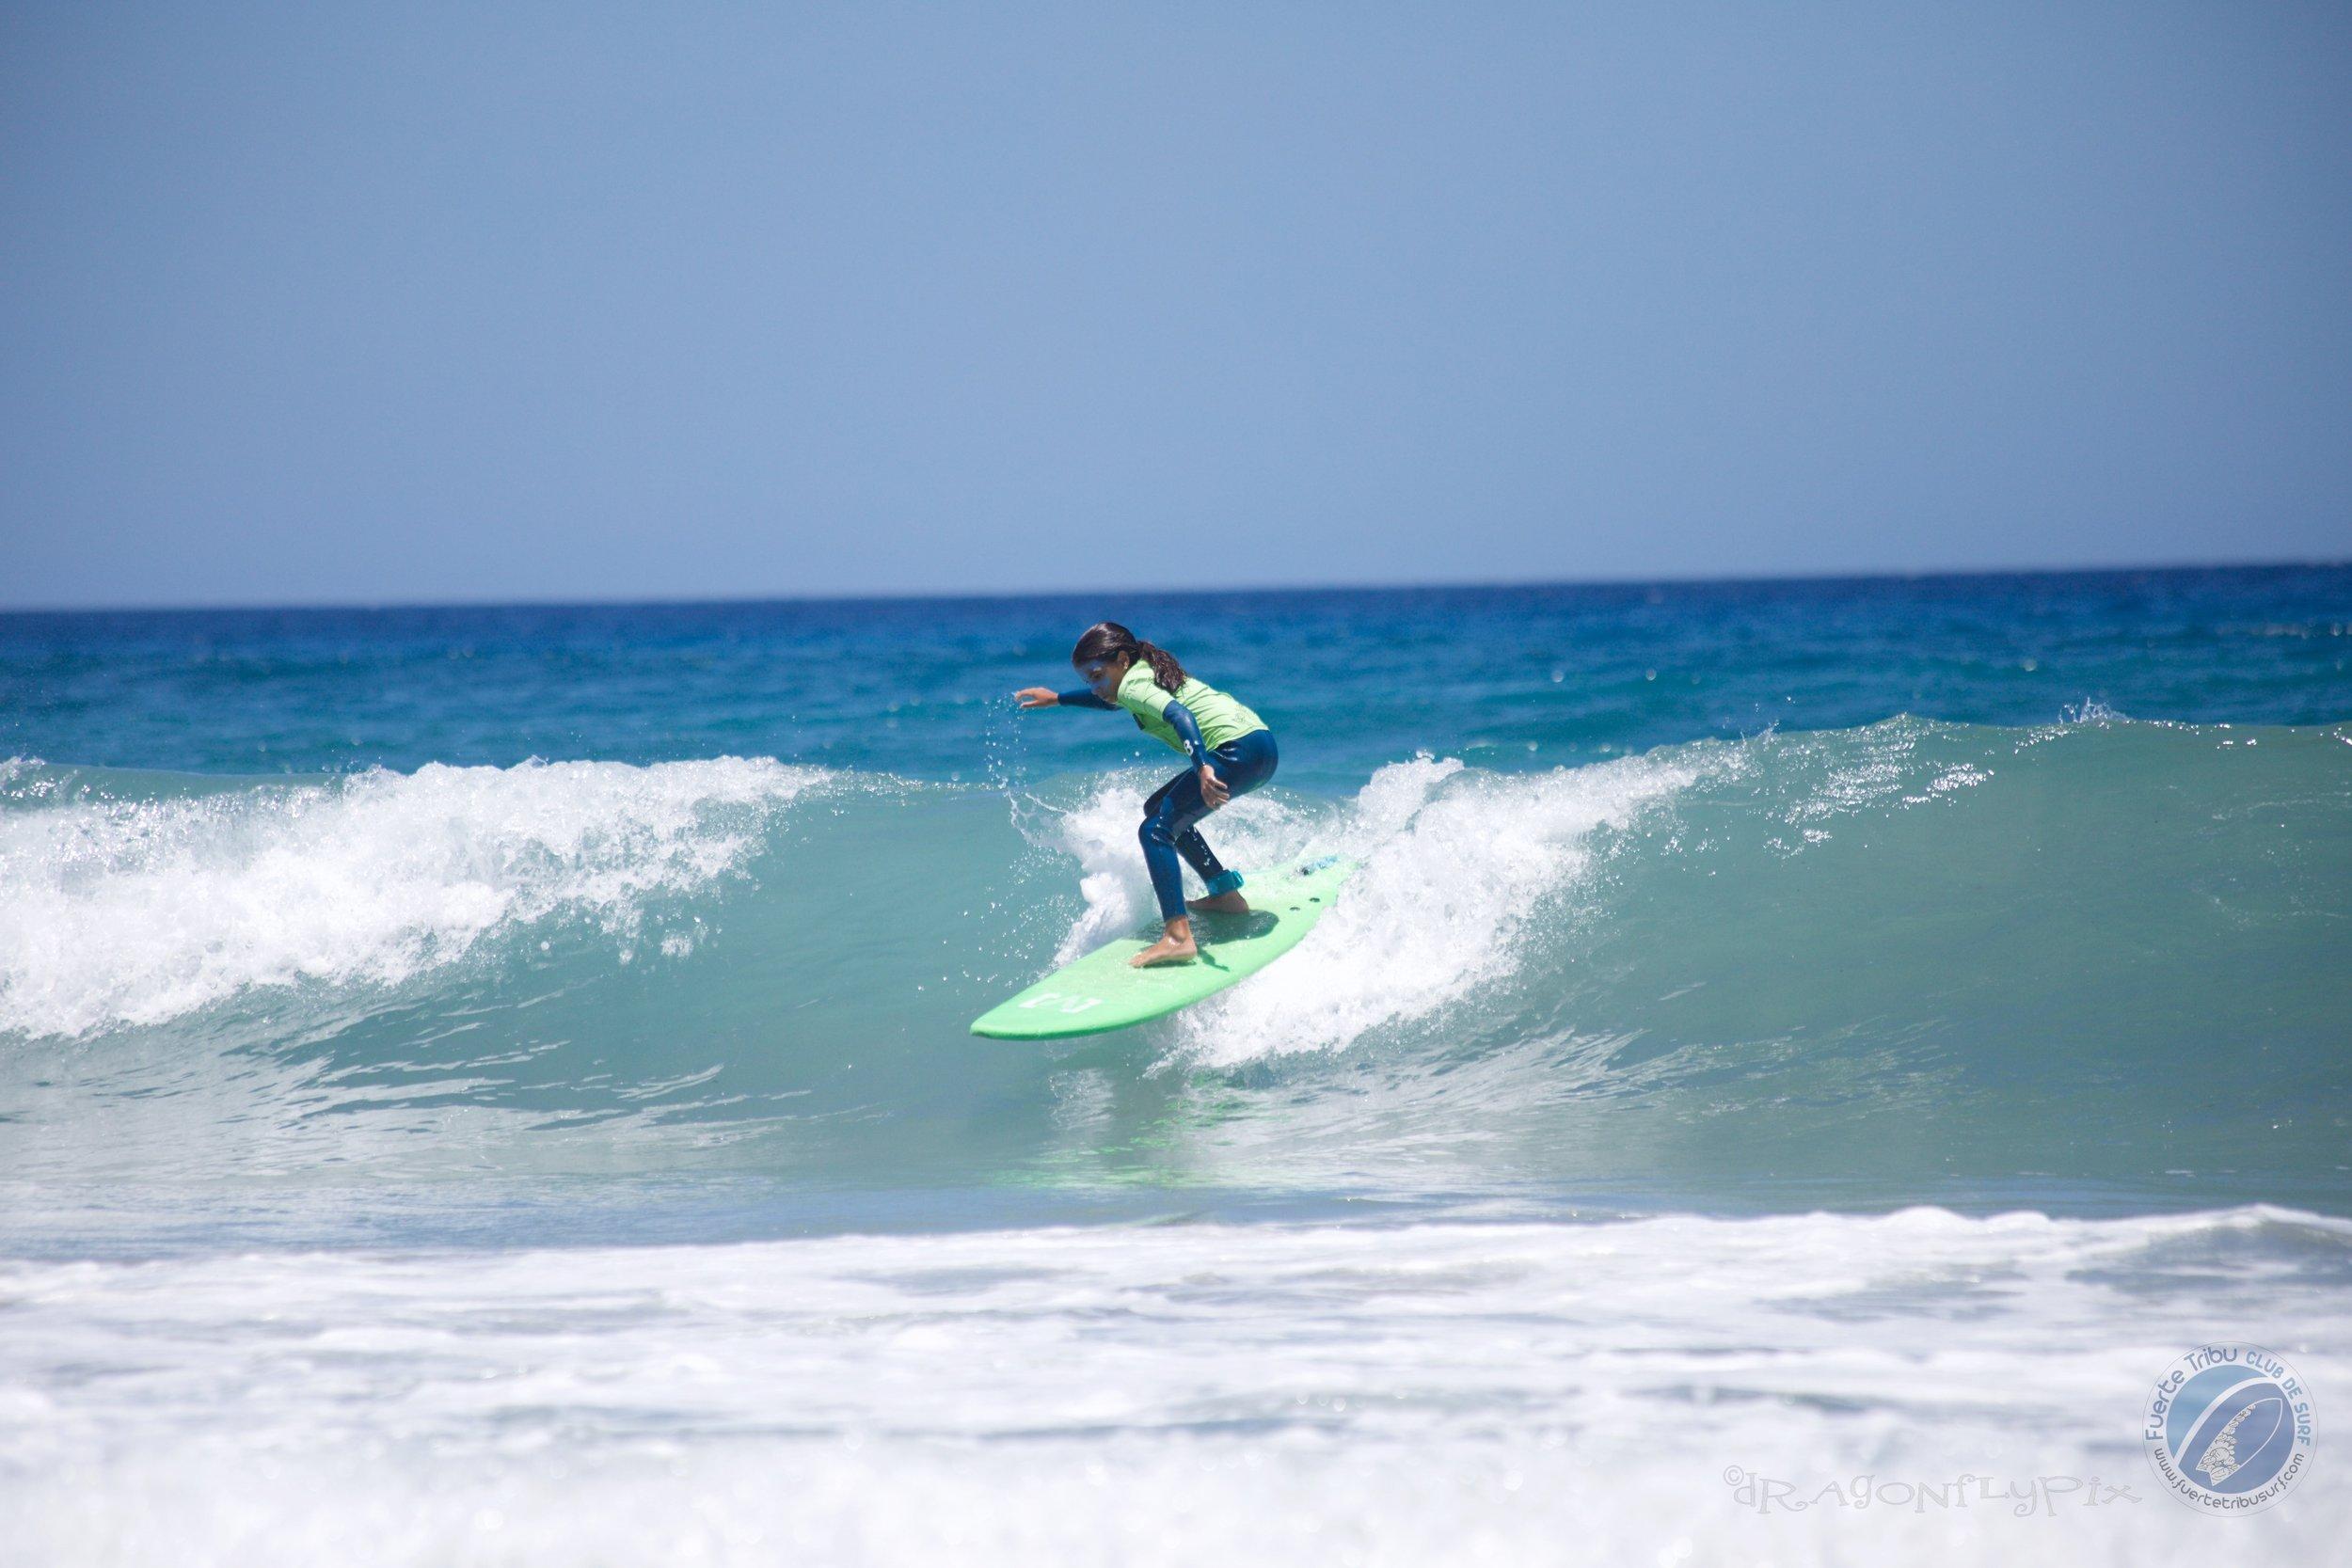 FUERTETRIBU_INTRACLUB_SURF_CAMPEONATO_KIDSIMG_0929.jpg